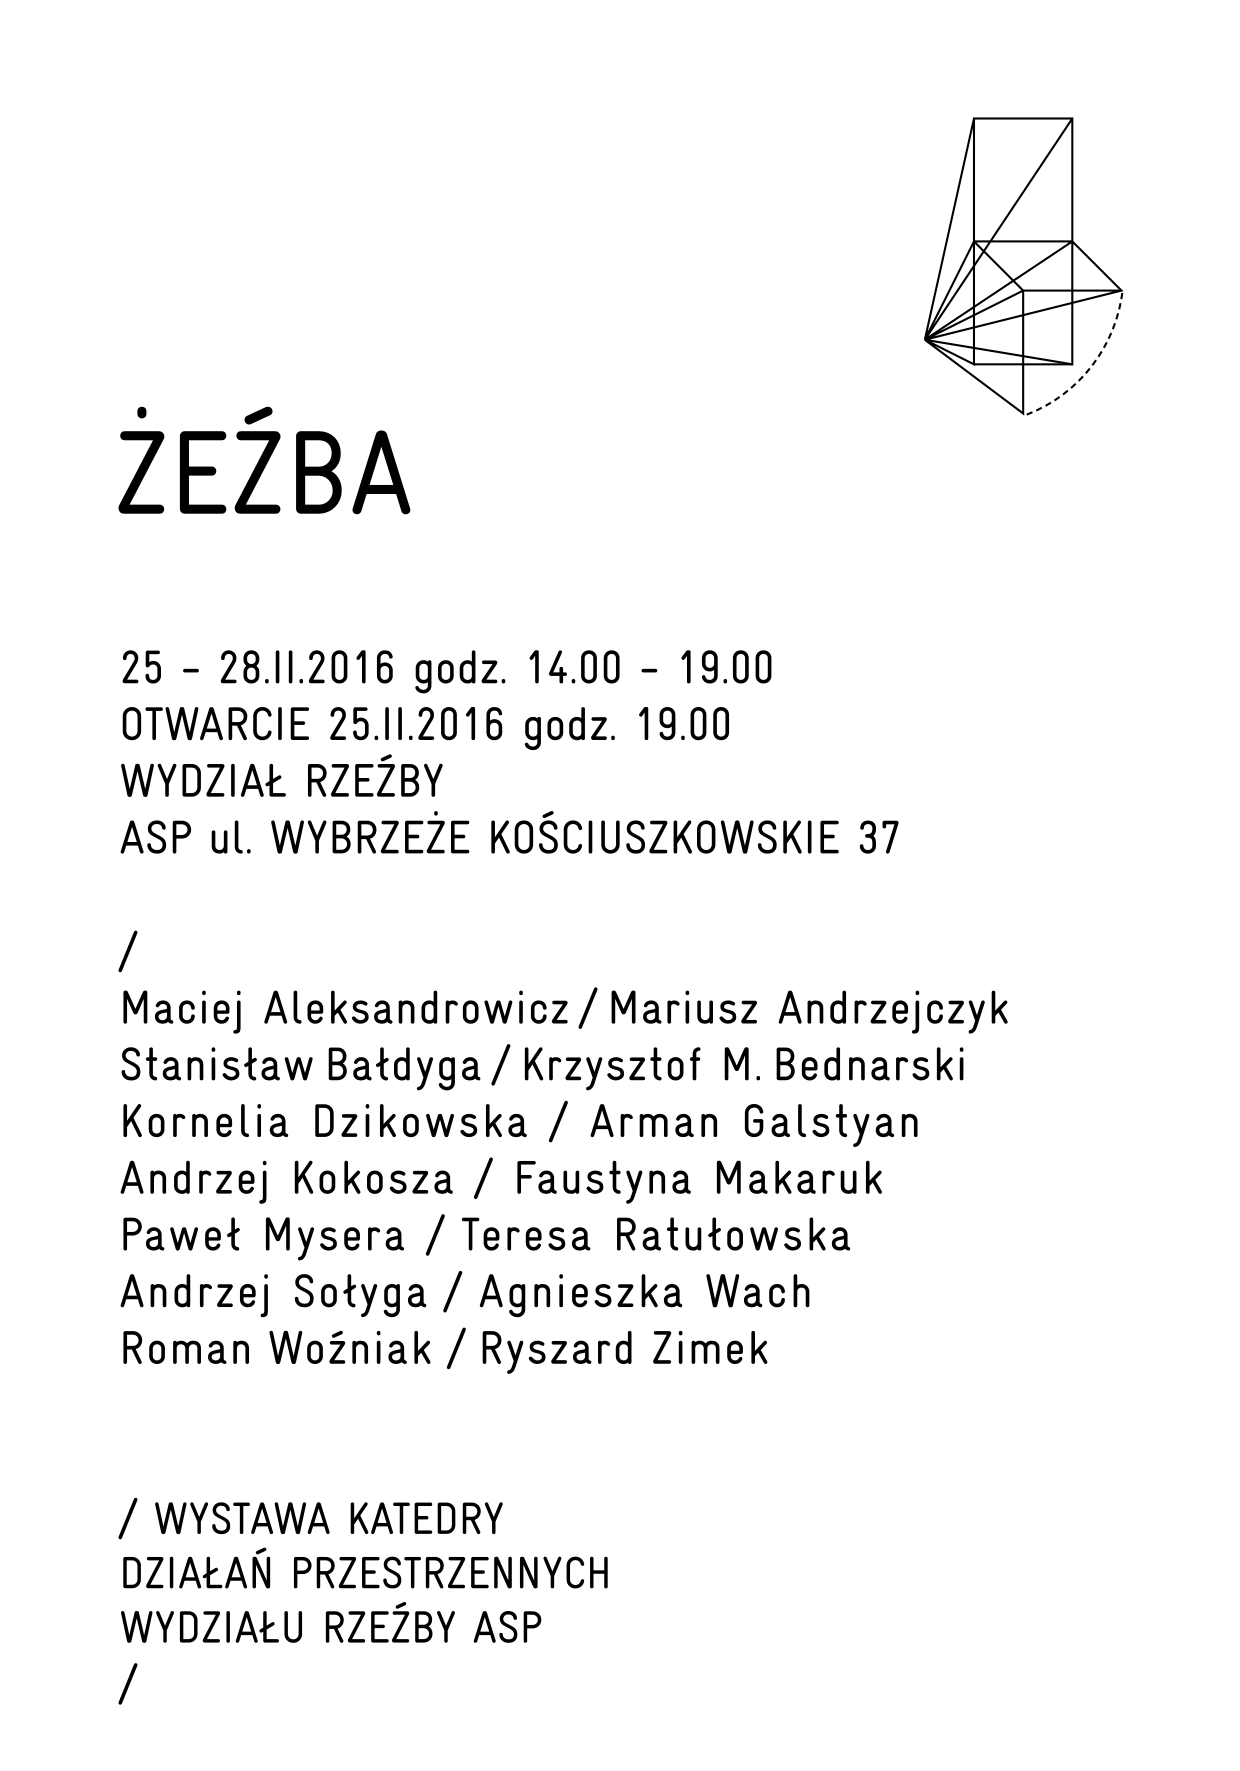 ZEZBA plakat KARTKA 2